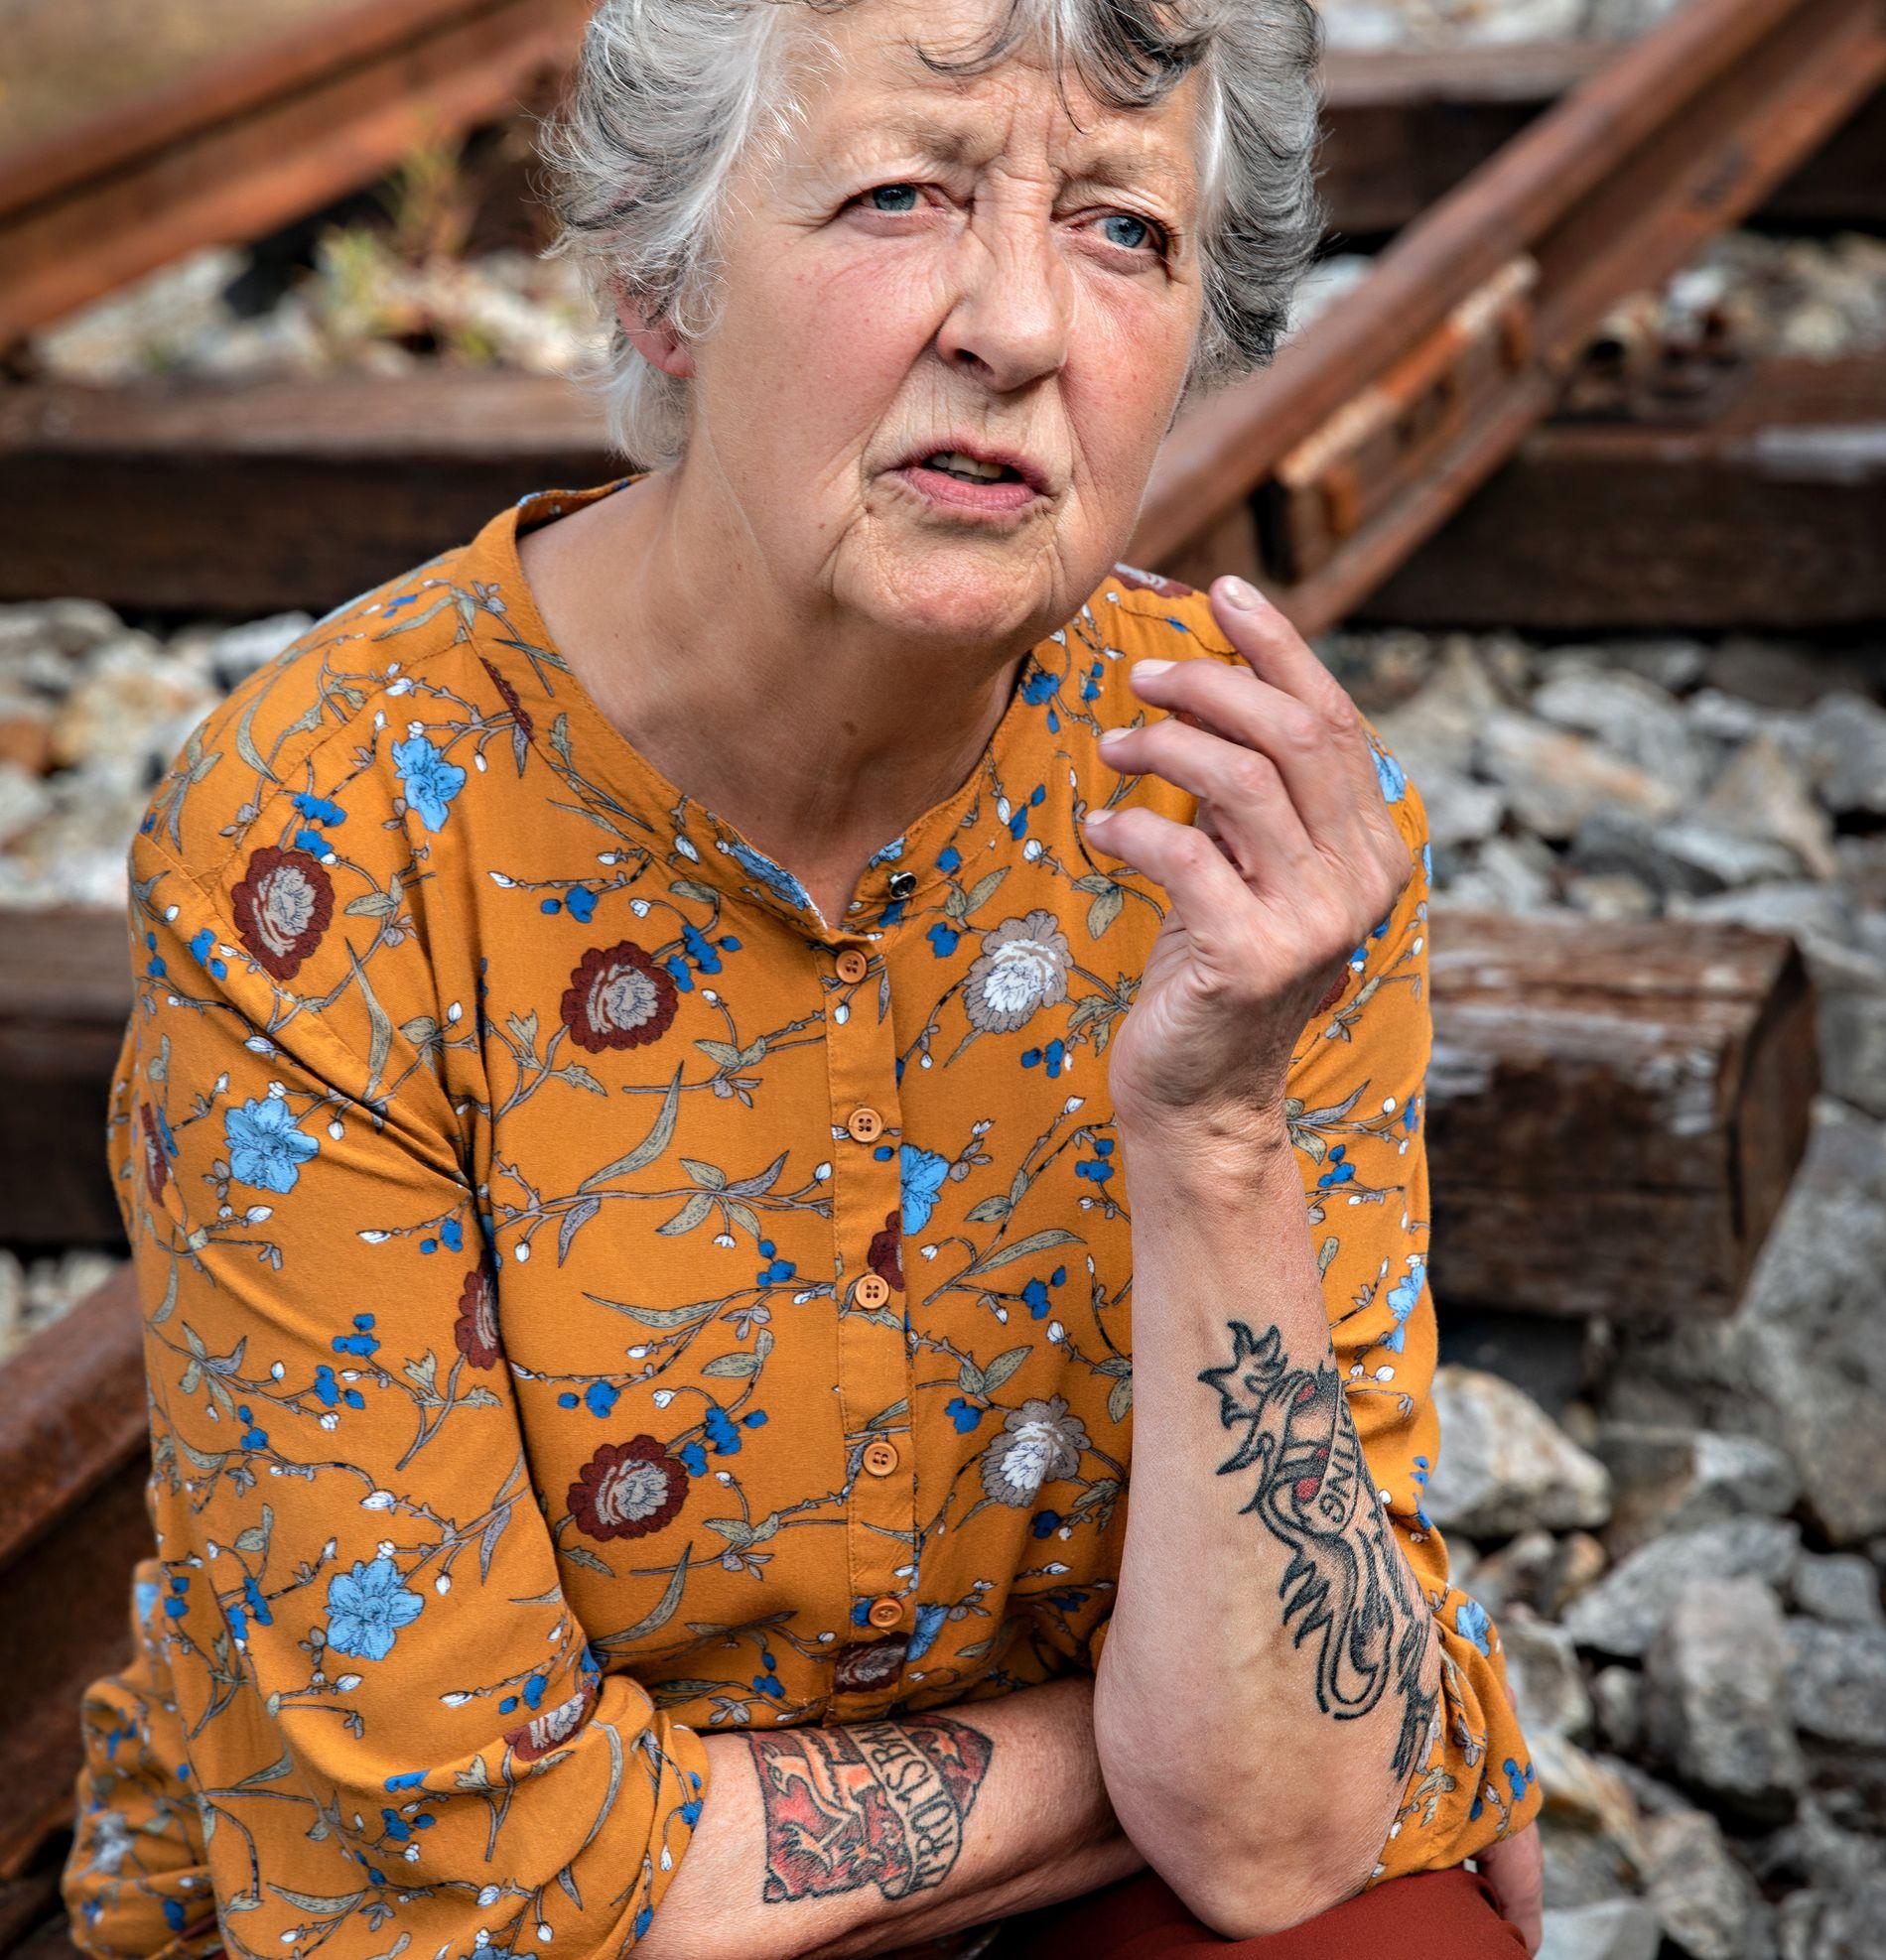 ENGASJERT: På armen har Hilde Sagland en tatovering med ordet «Troms-banen». Den tok hun for å få oppmerksomhet på saken.